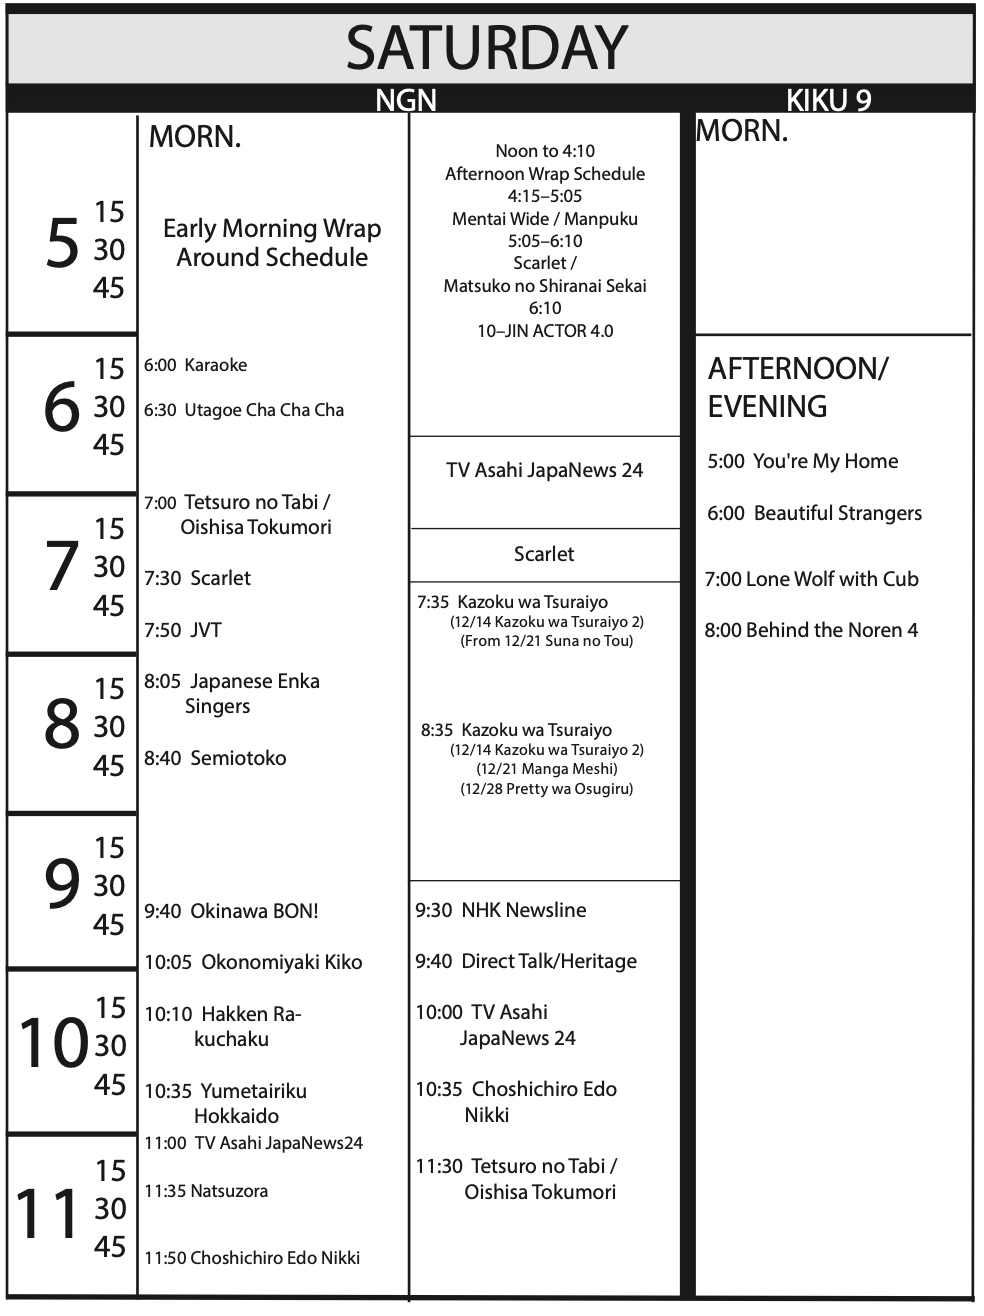 TV Program Schedule 11/15/19 Issue - Saturday